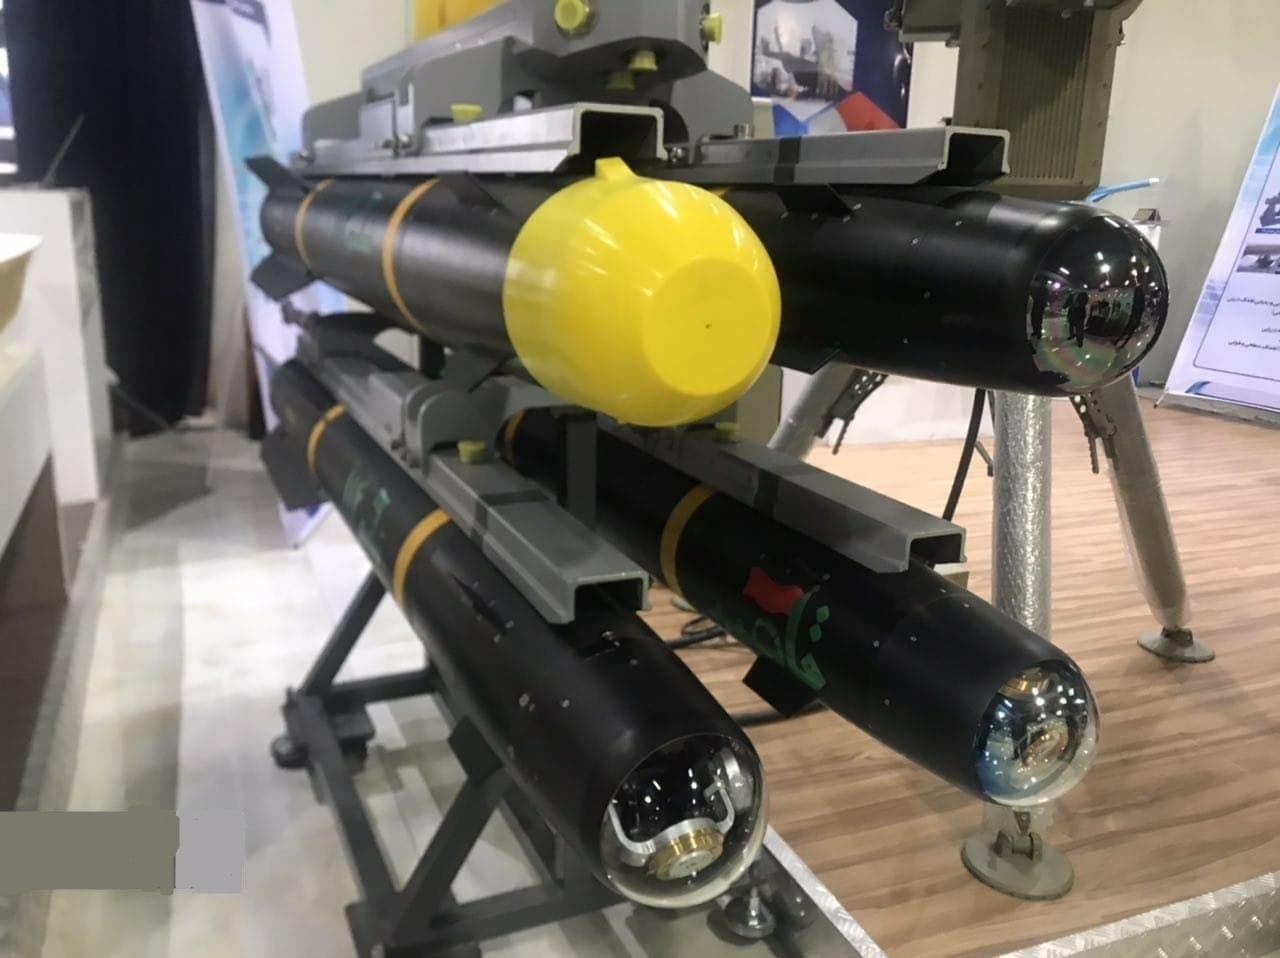 جدیدترین تجهیزات نیروی دریایی ارتش